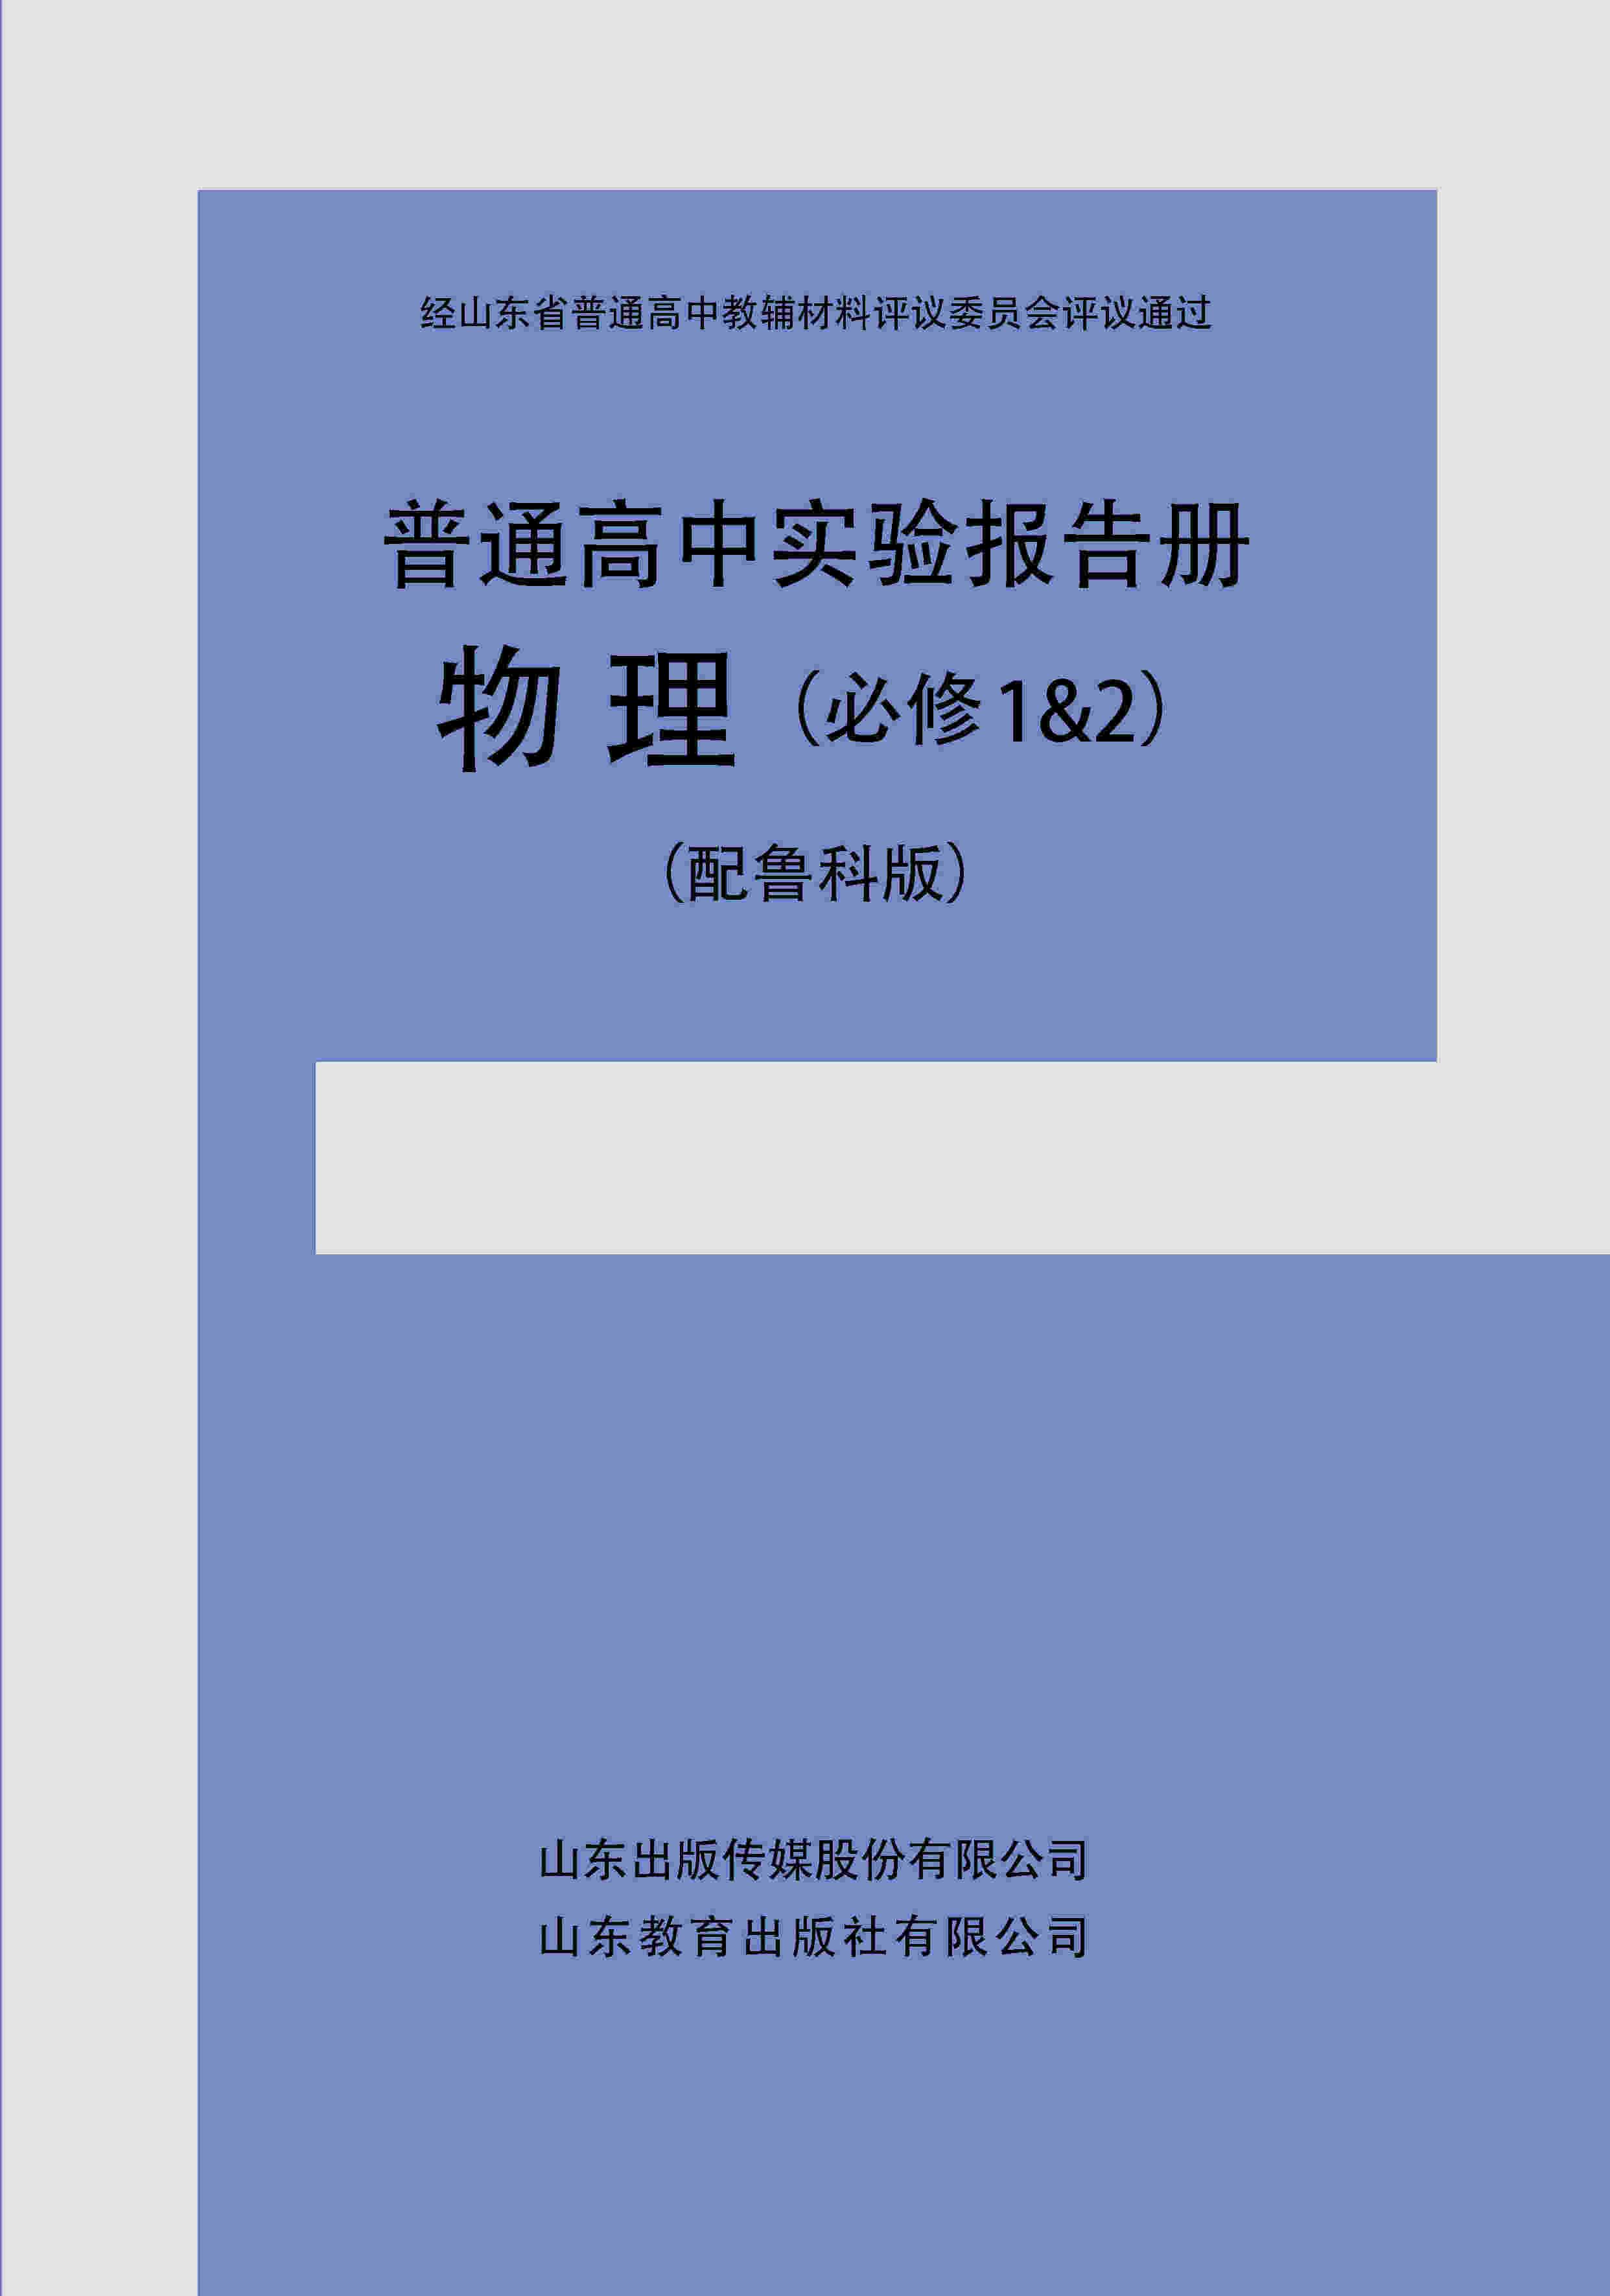 普通高中实验报告册 物理(必修1&2)(配鲁科版)